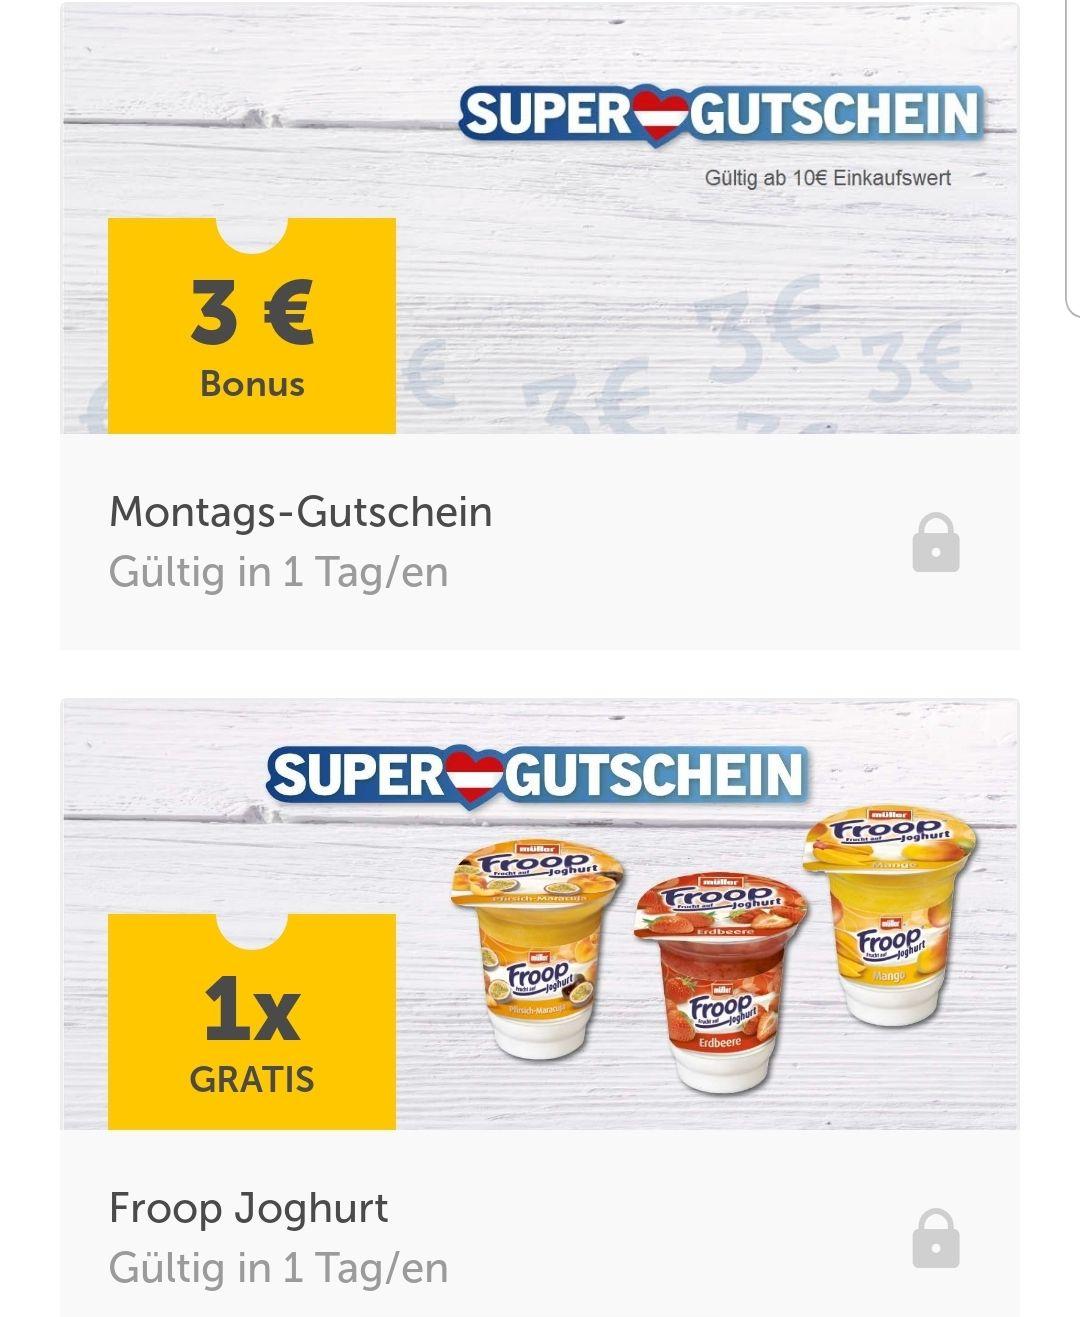 Lidl Plus ab Montag gratis Froop Joghurt und 3€ Gutschein